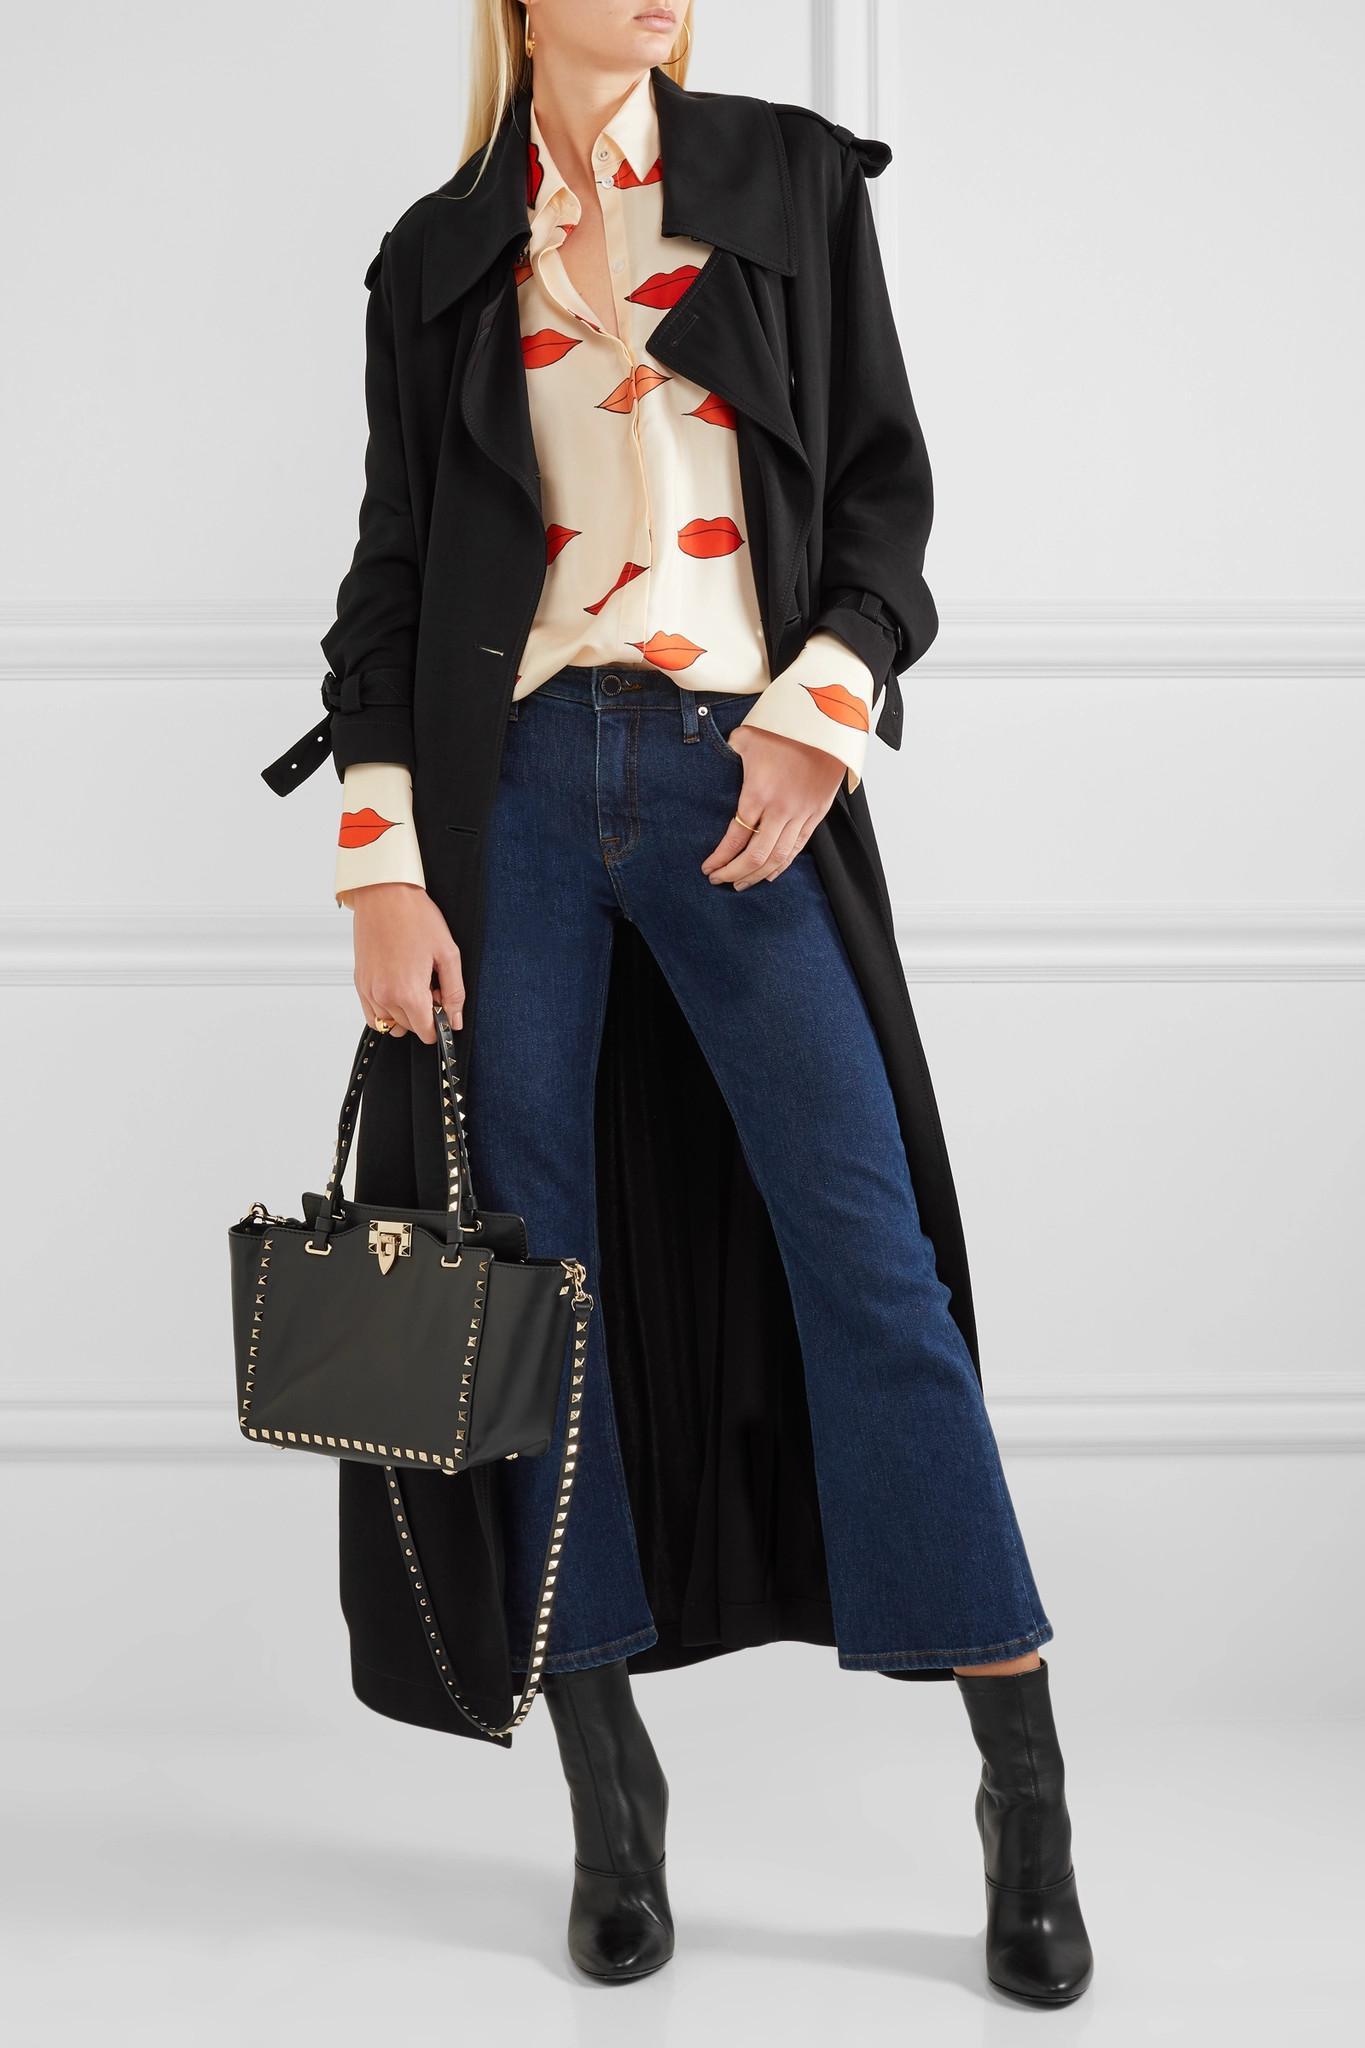 ef03ca62ac4 Valentino Garavani The Rockstud Small Leather Trapeze Bag in Black ...